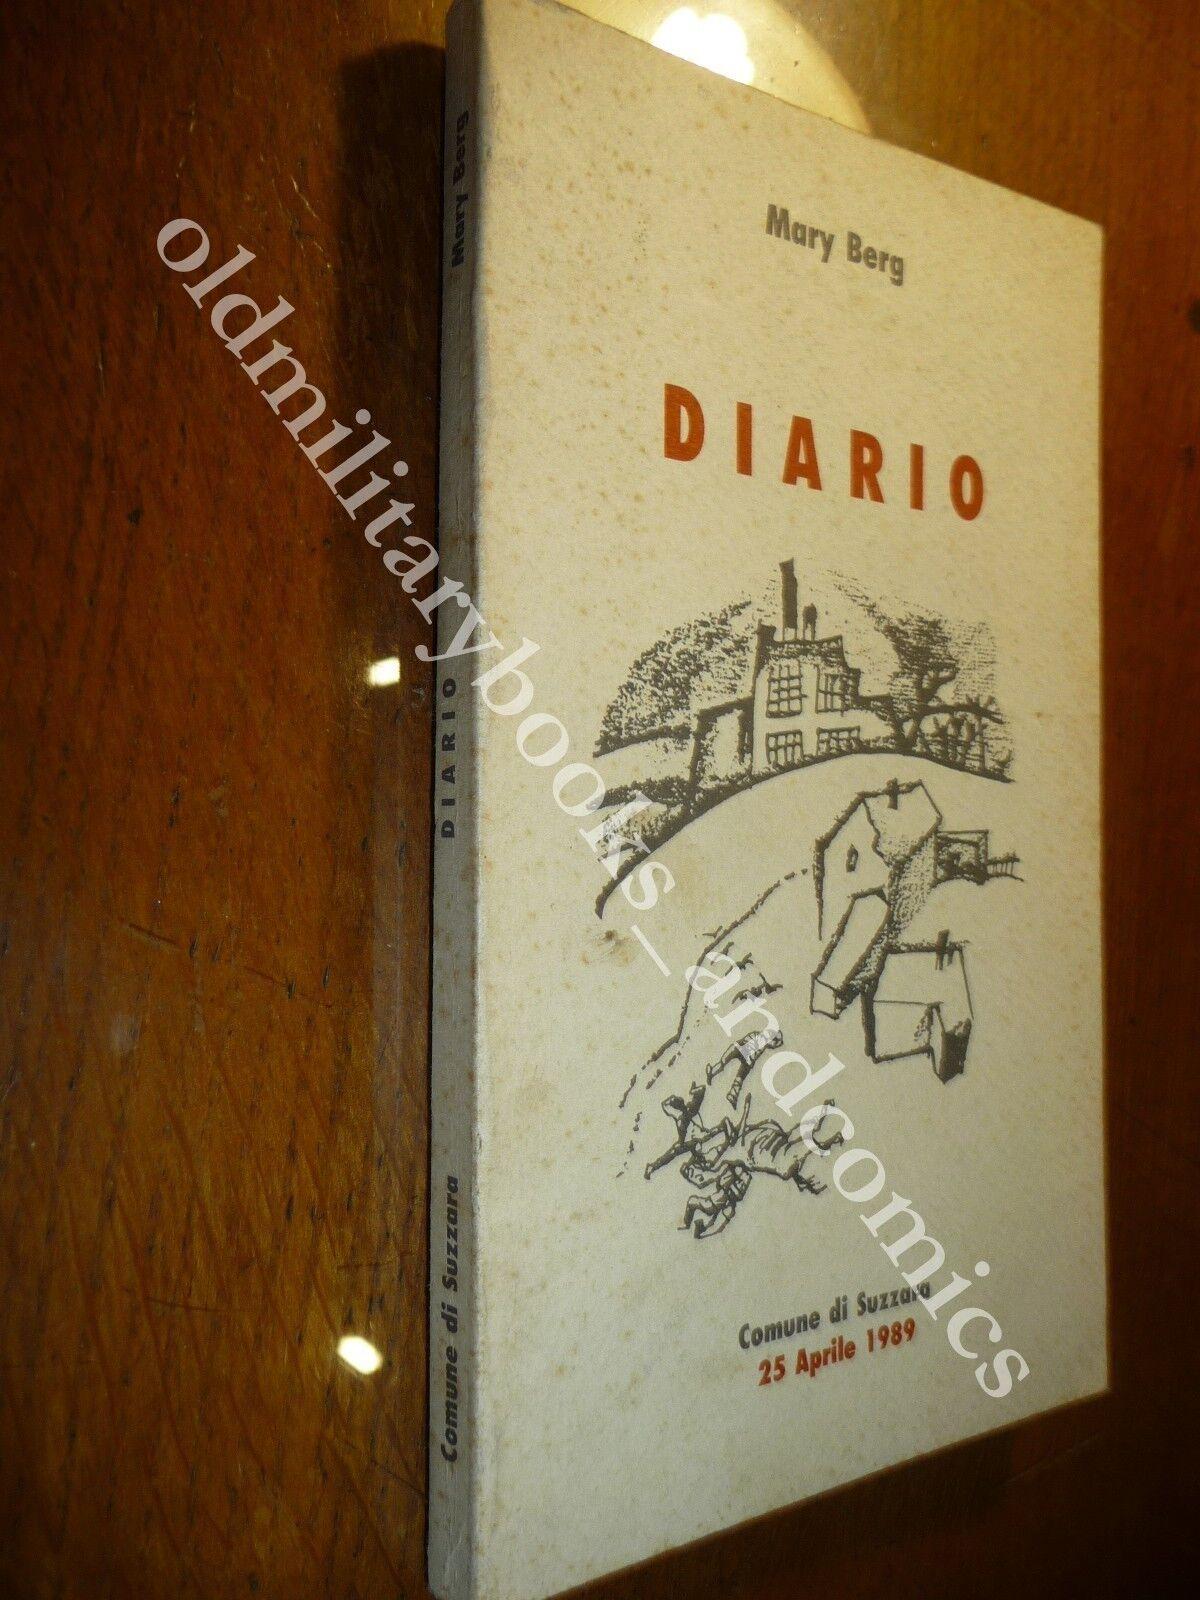 DIARIO IL GHETTO DI VARSAVIA MARY BERG RISTAMPA DEL COMUNE DI SUZZARA 1989